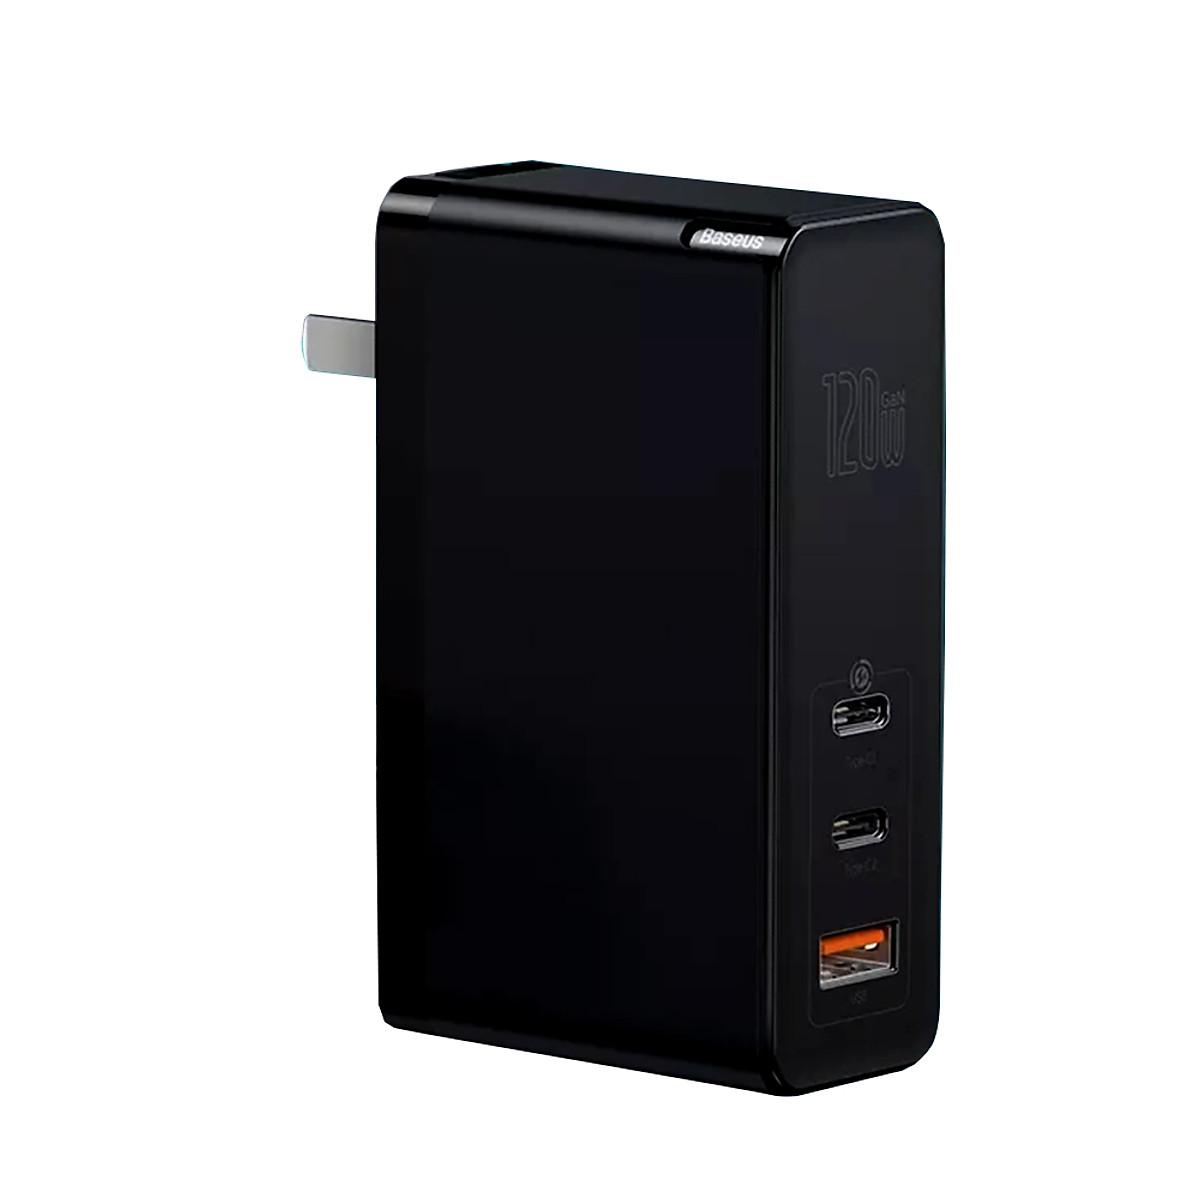 Adapter củ cóc sạc nhanh 120W đa năng1 cổng sạc USB và 2 PD 3.0 Type-C hiệu Baseus MiniGaN Gen 2 Pro công nghệ tản nhiệt BCT- Hàng nhập khẩu